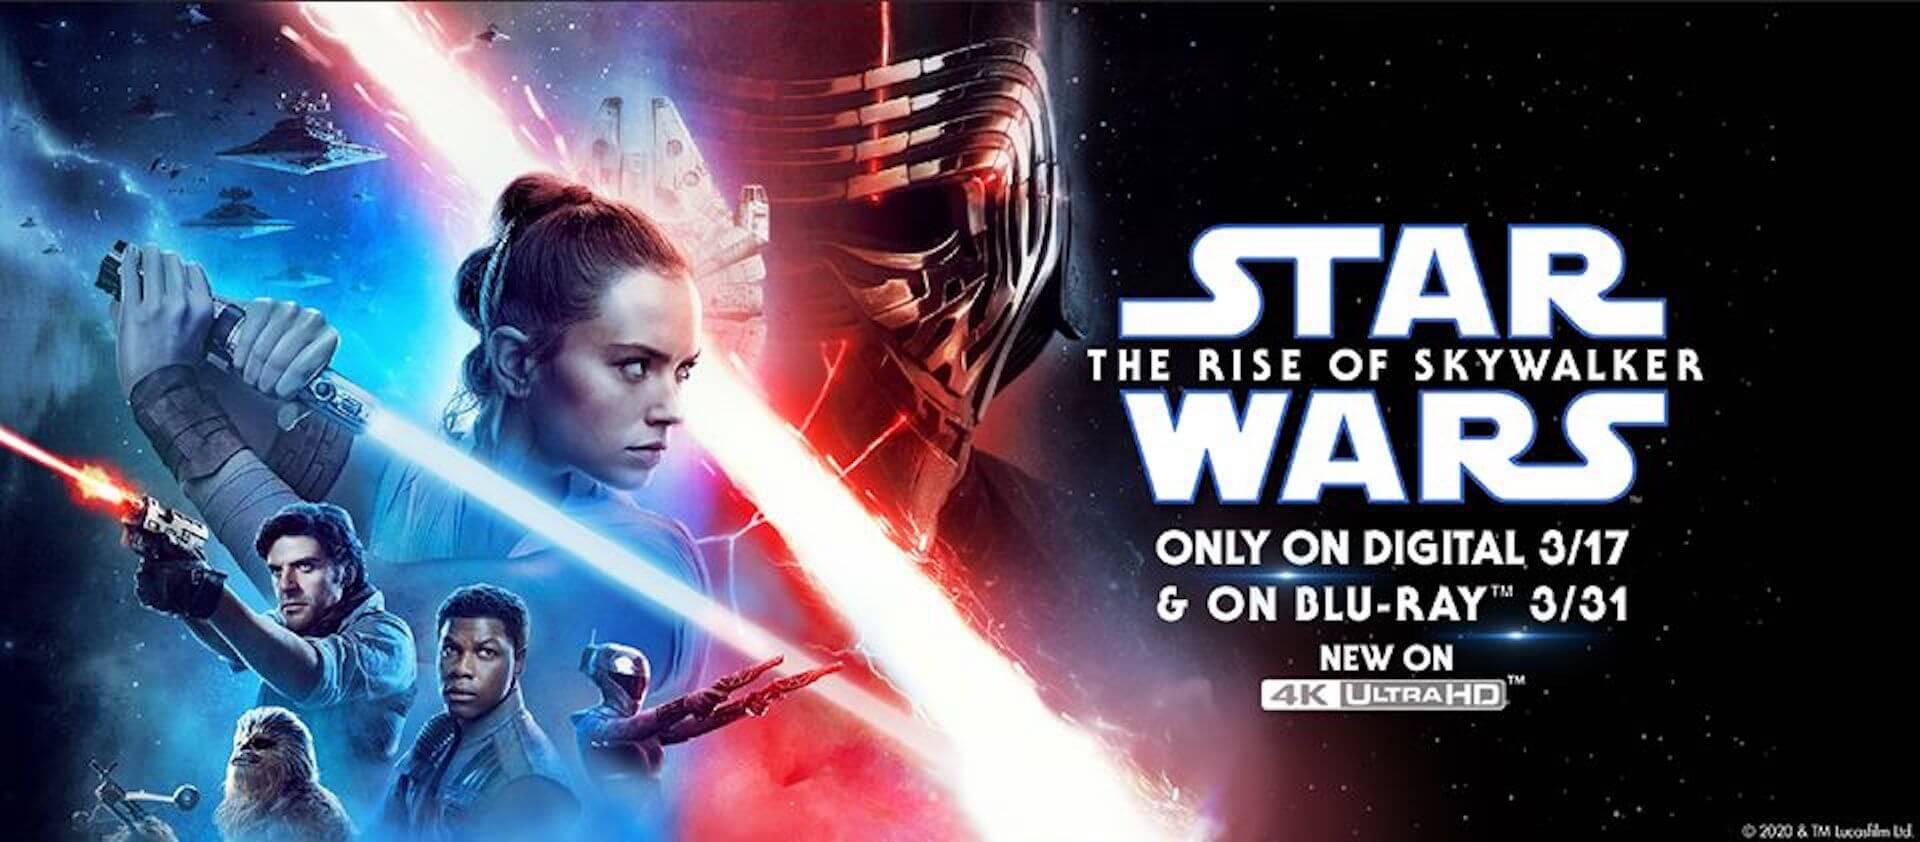 あの2人がついに登場!『スター・ウォーズ/スカイウォーカーの夜明け』Blu-ray&DVDのトレーラーが解禁 film200220_starwars_dvd_1